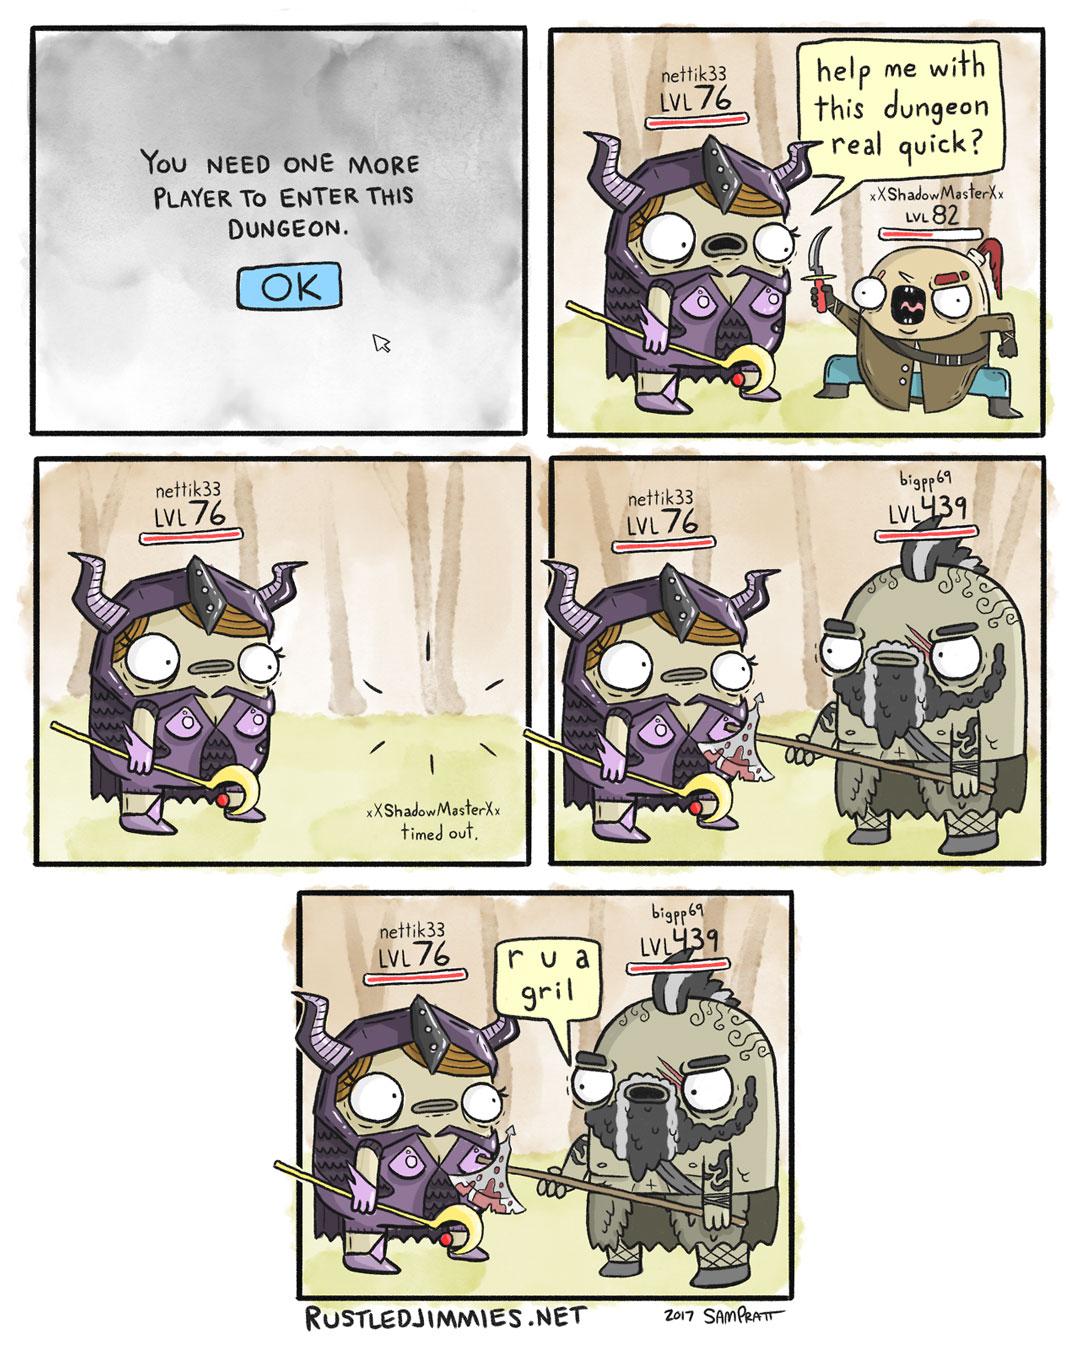 Rustled Jimmies -rustledjimmies.net